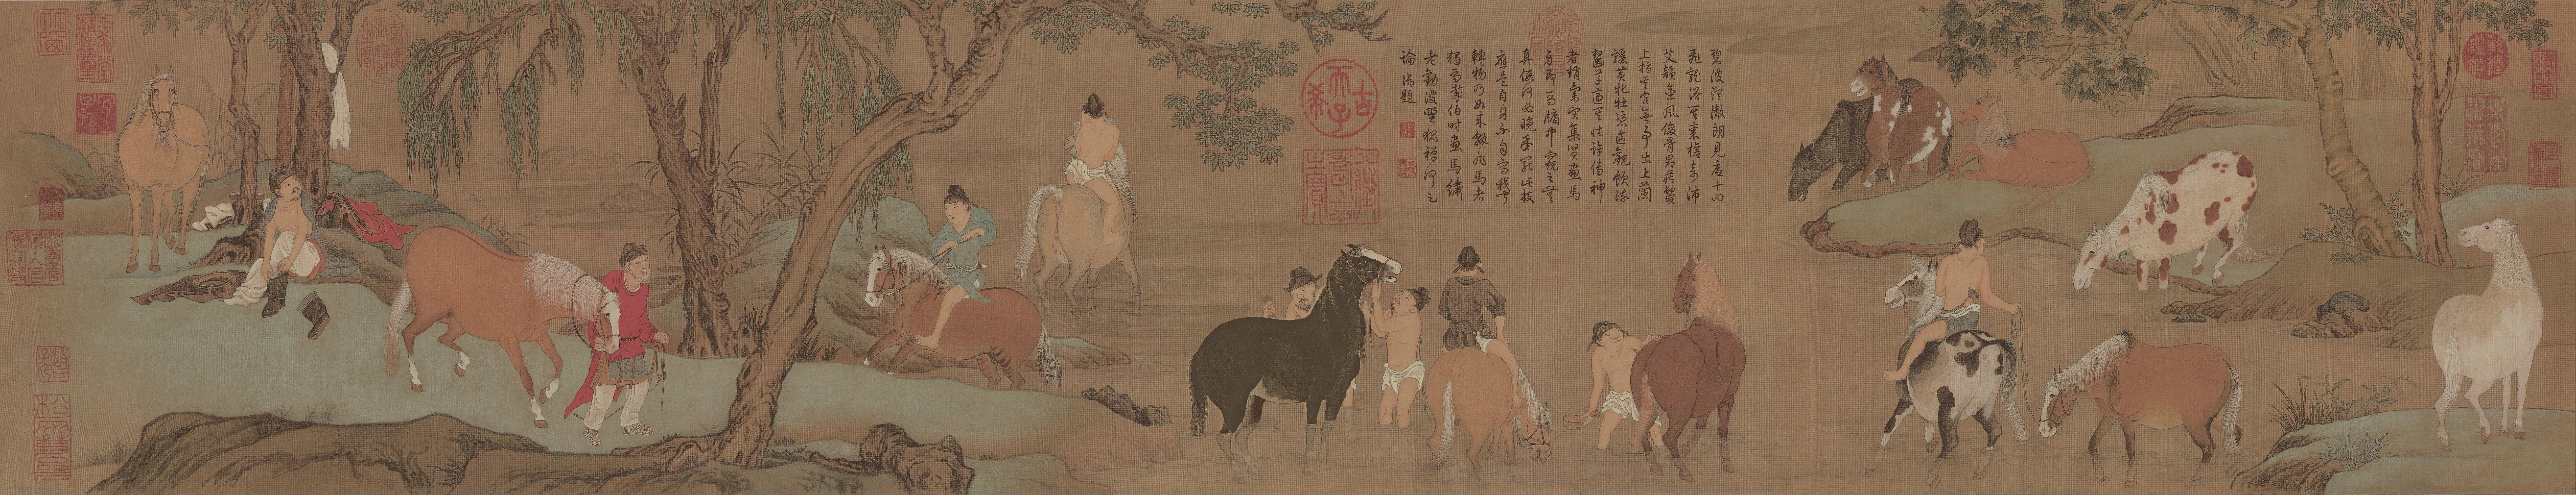 Zhao mengfu